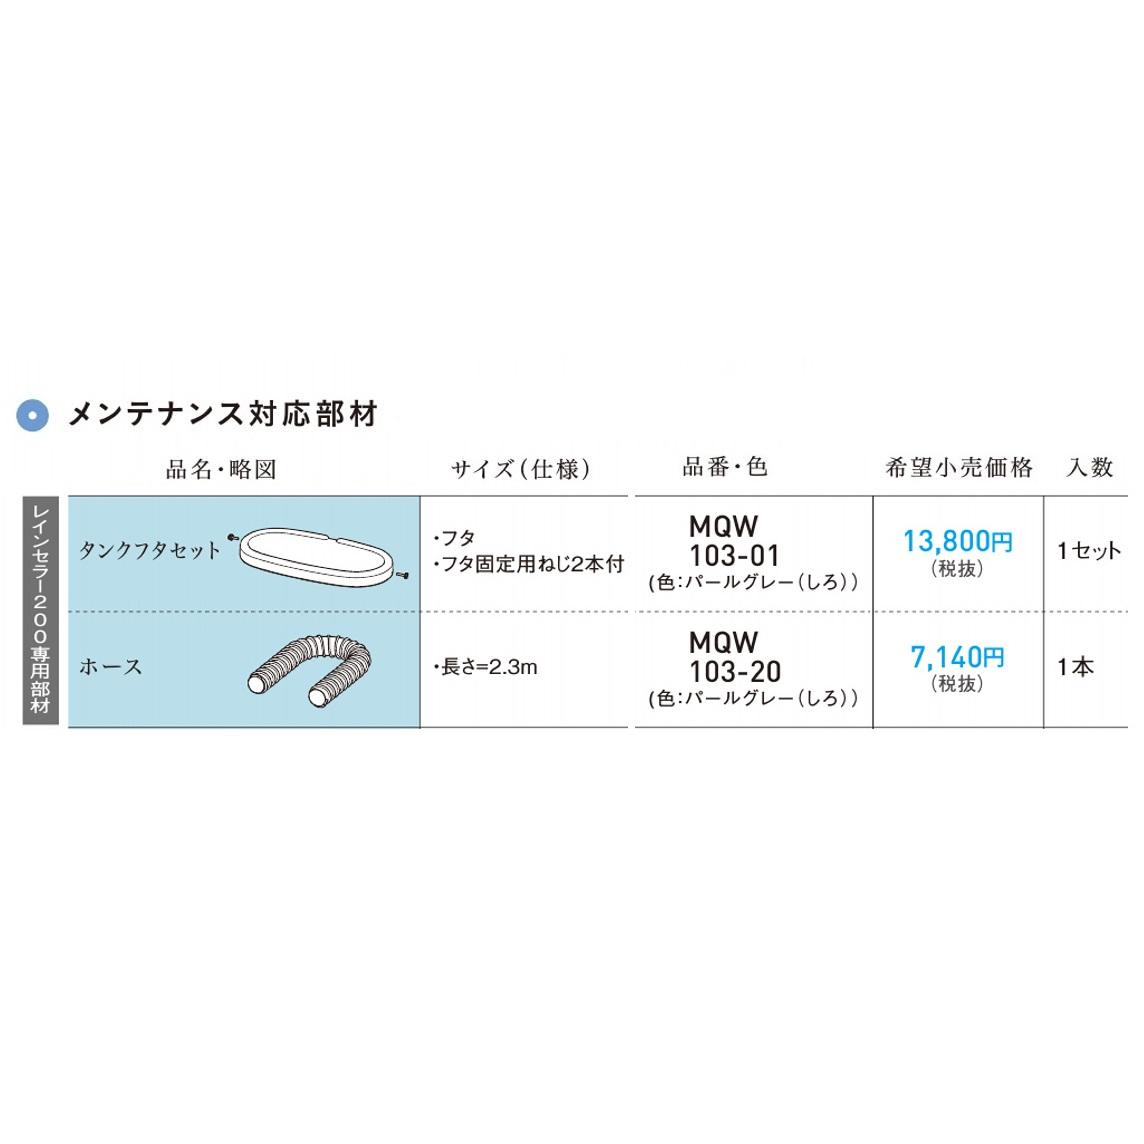 パナソニック 雨水貯蔵タンクレインセラー200専用部材タンクフタセット【MQW103-01】